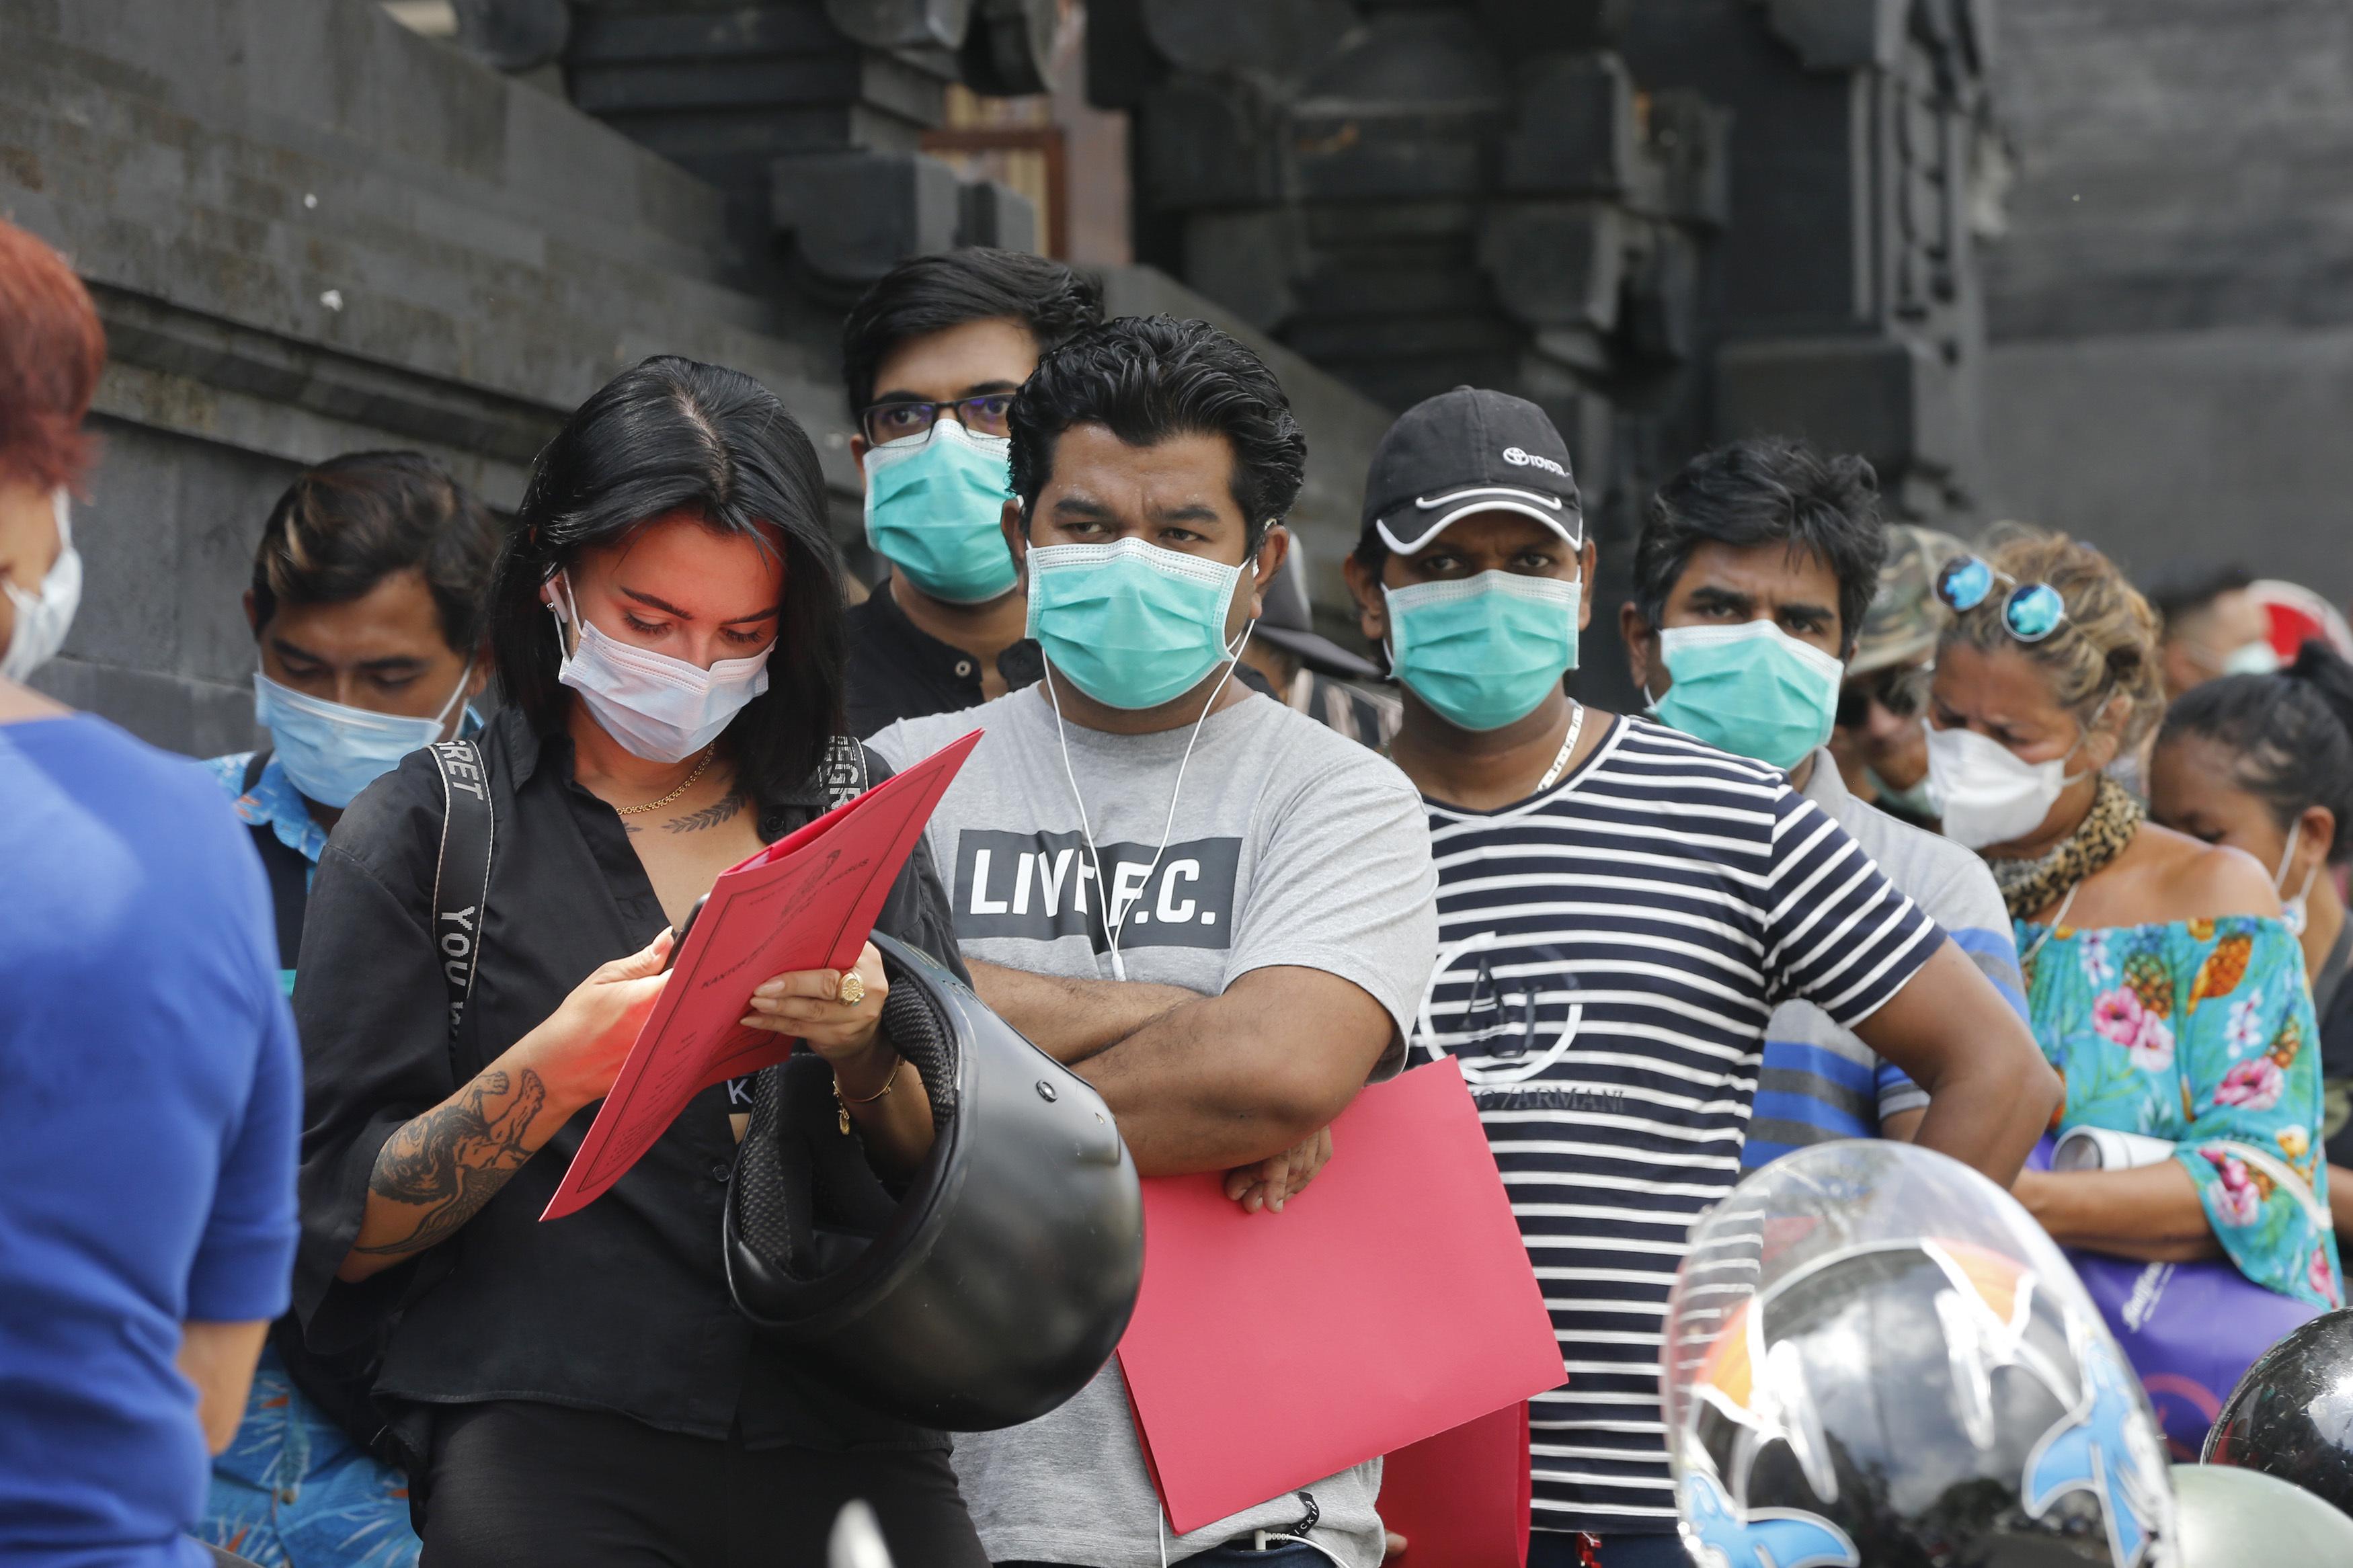 إندونيسيا تبدأ اختبار لقاح صيني ضد فيروس كورونا